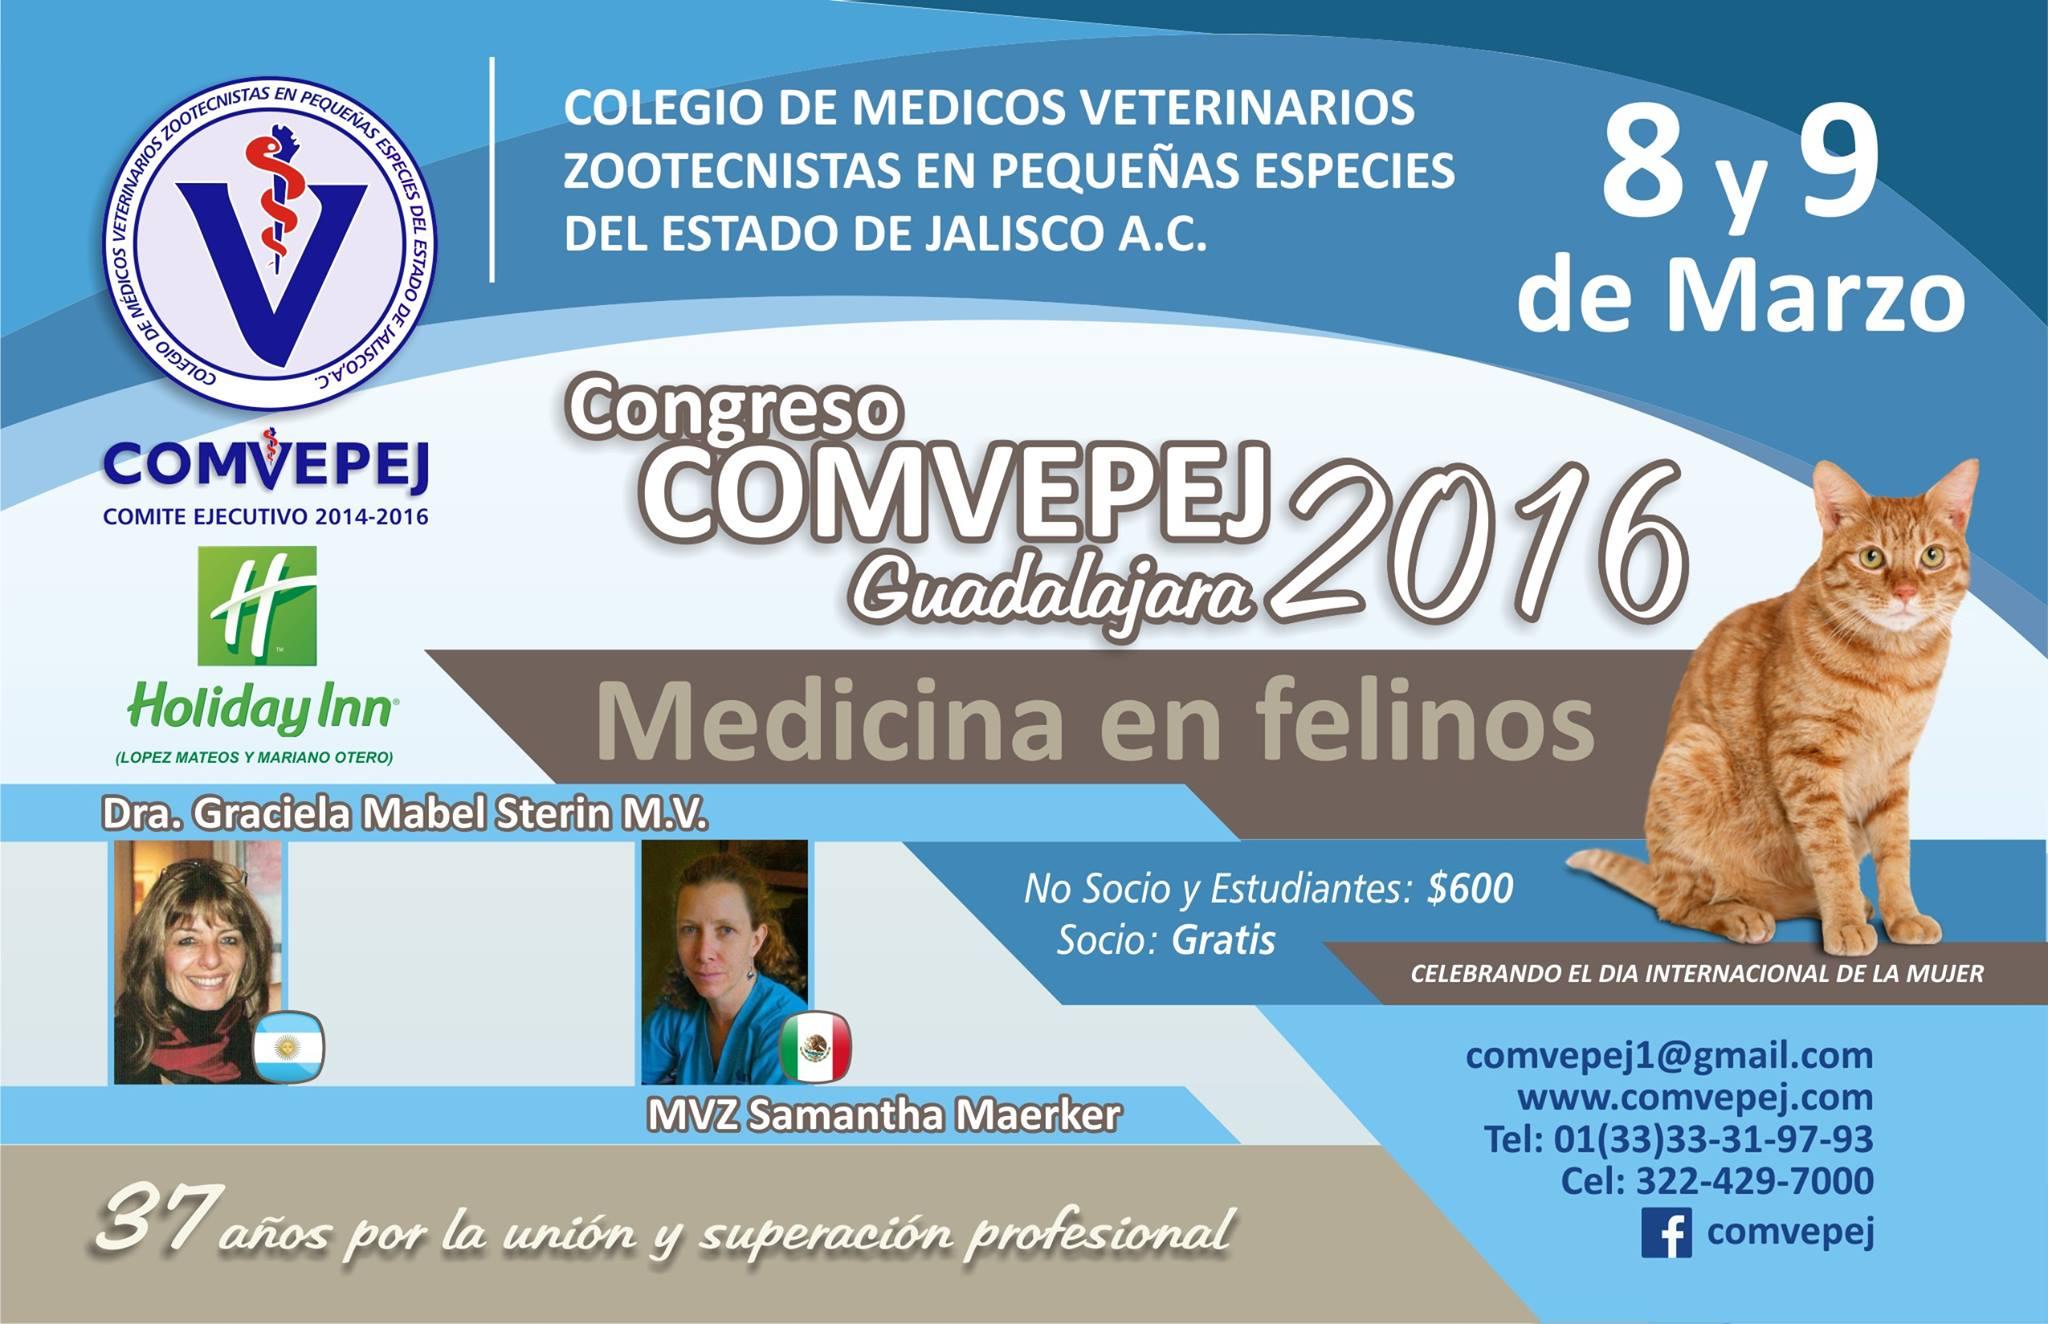 Congreso COMVEPEJ 2016, México